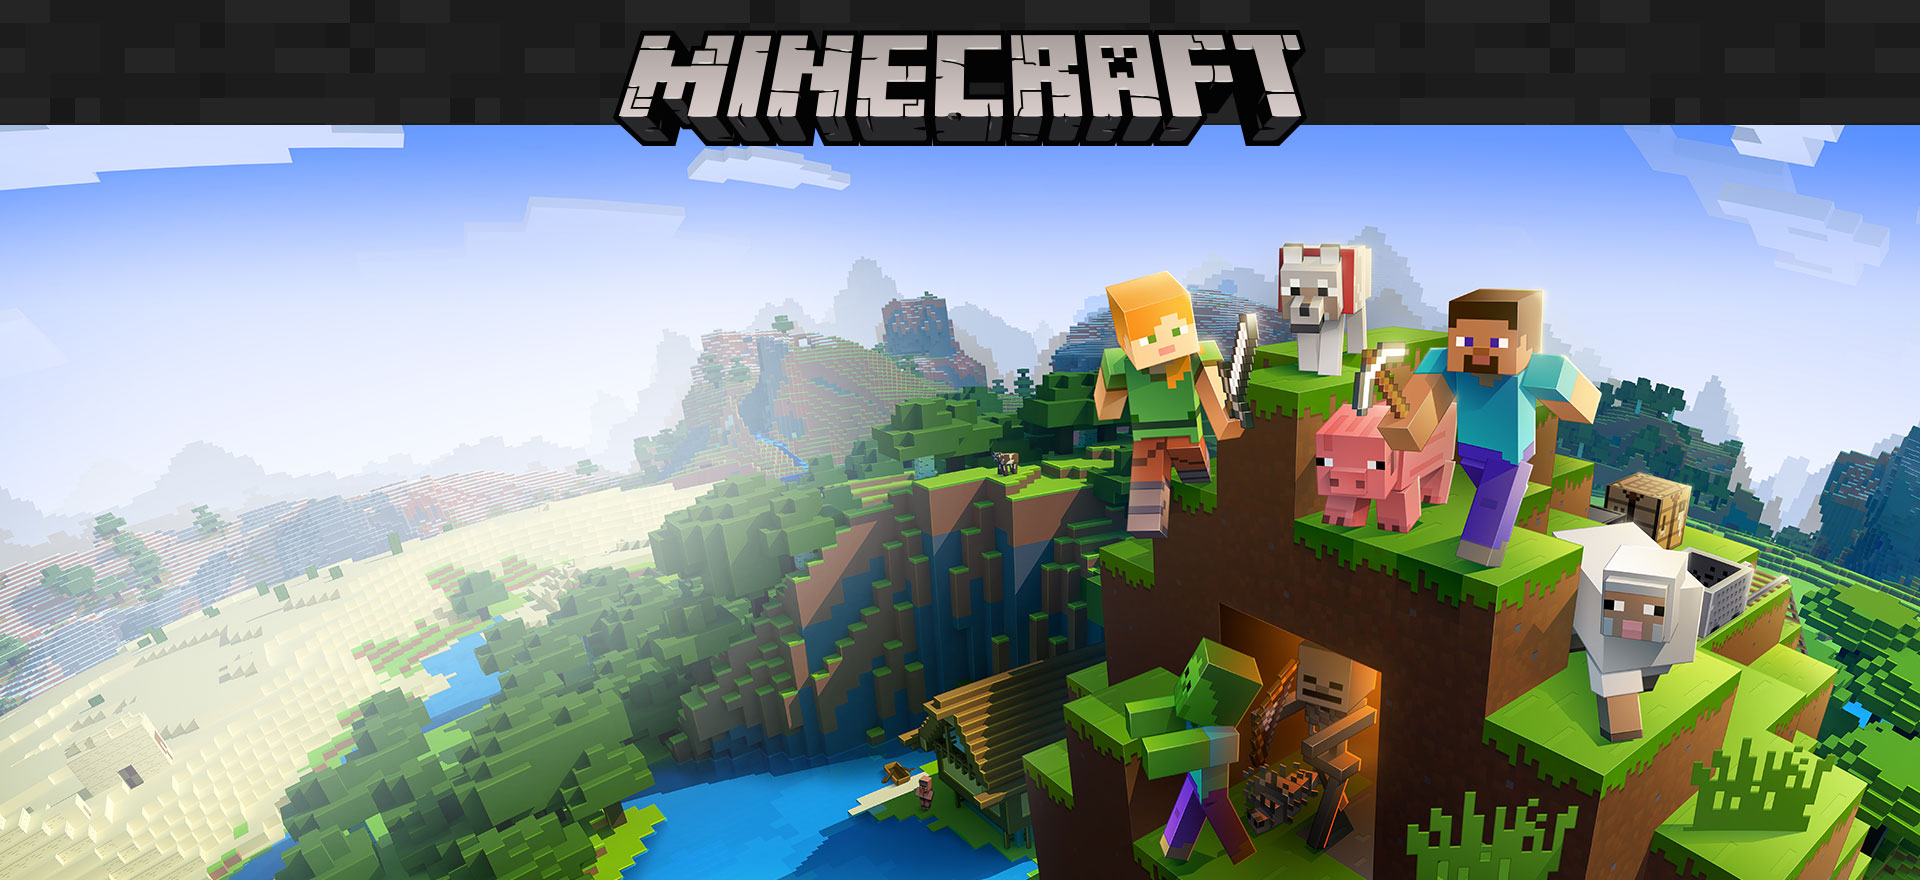 Logotipo de Minecraft con personajes del juego en un entorno de bloque en el fondo